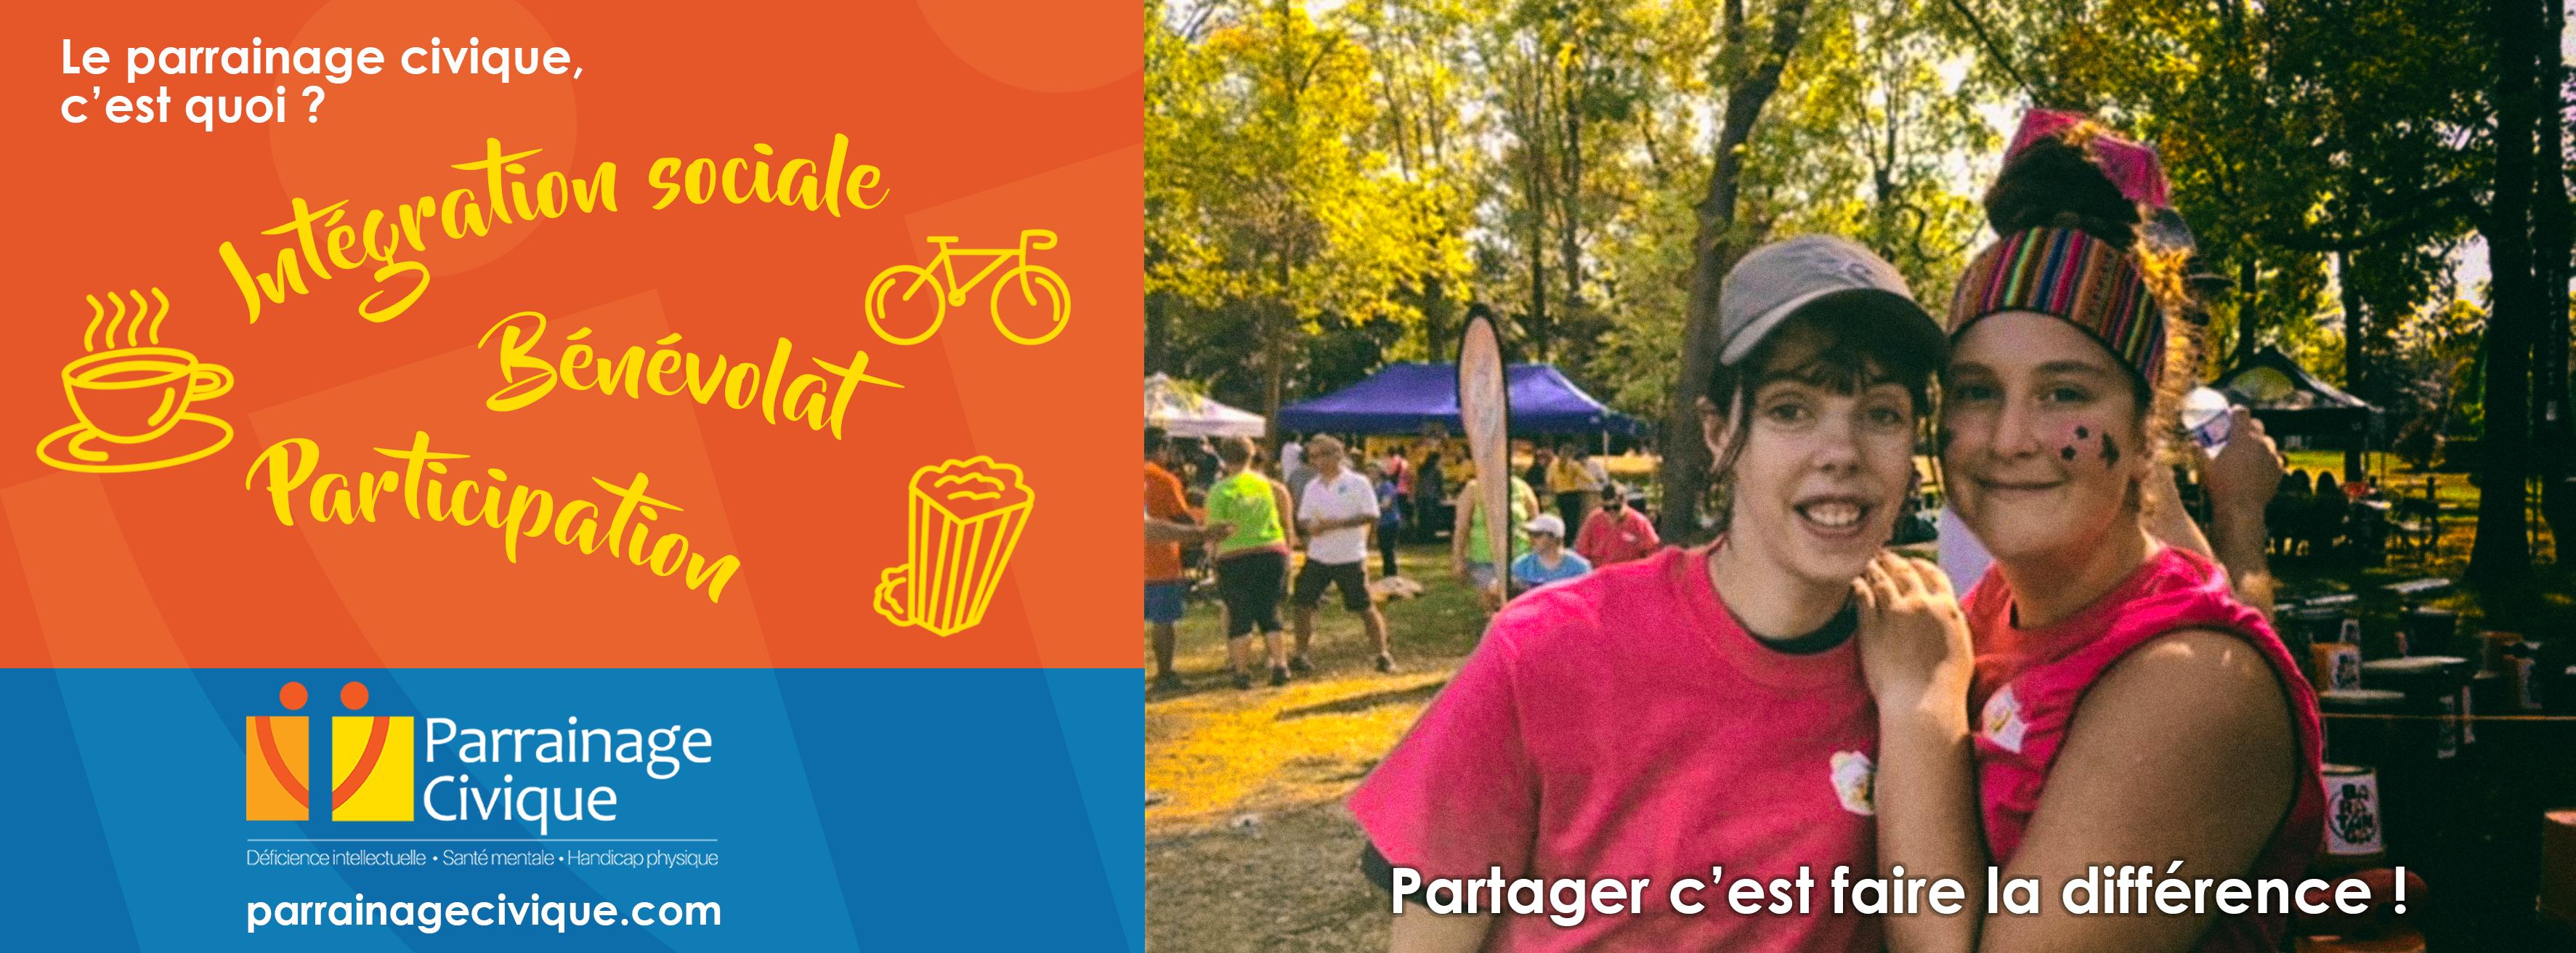 Journee-P-2018-V2-banniere-facebook-06